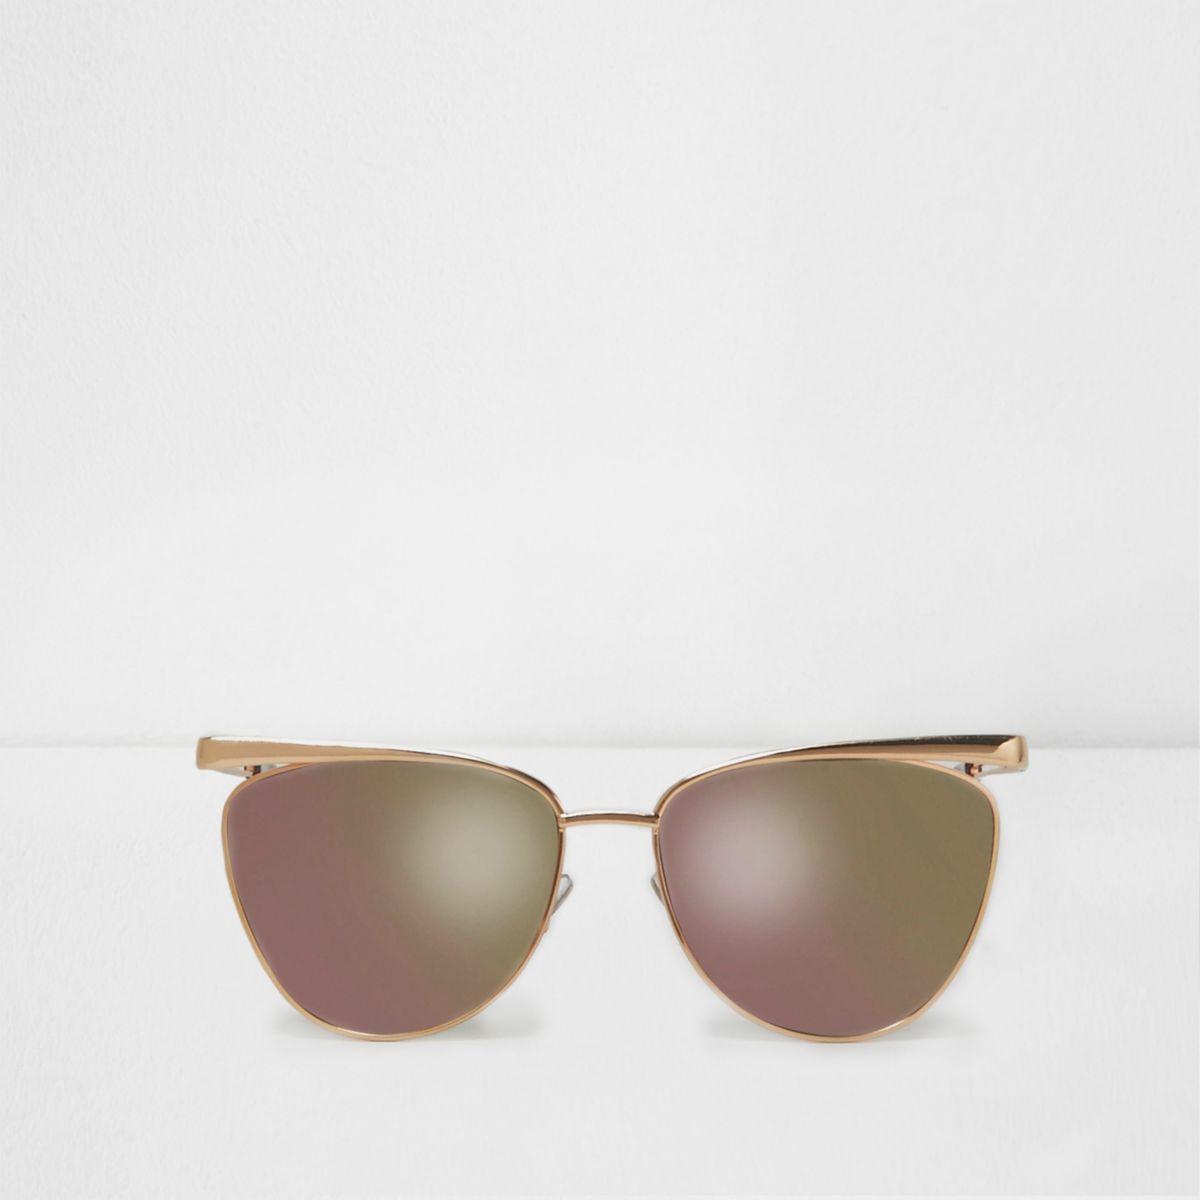 Lunettes de soleil yeux de chat dorées à verres roses effet miroir